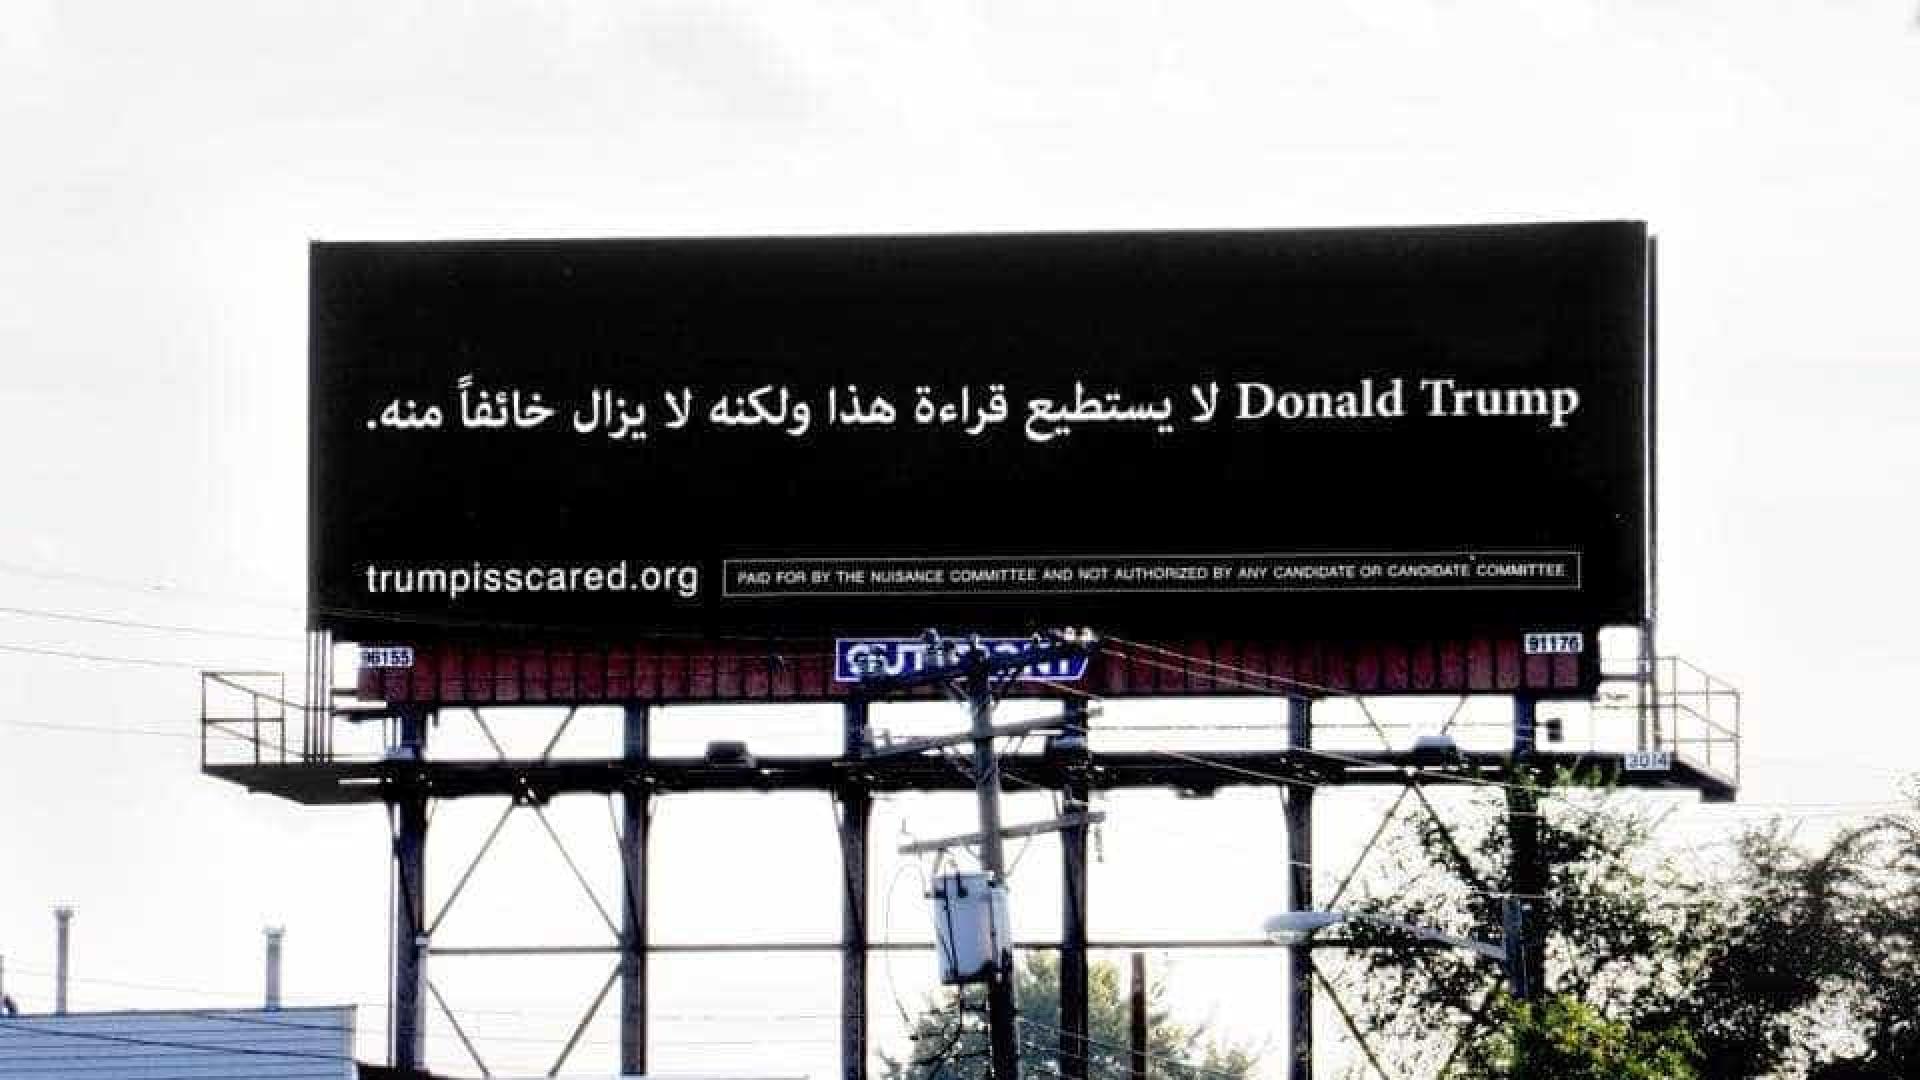 Este cartaz promete assustar Donald Trump